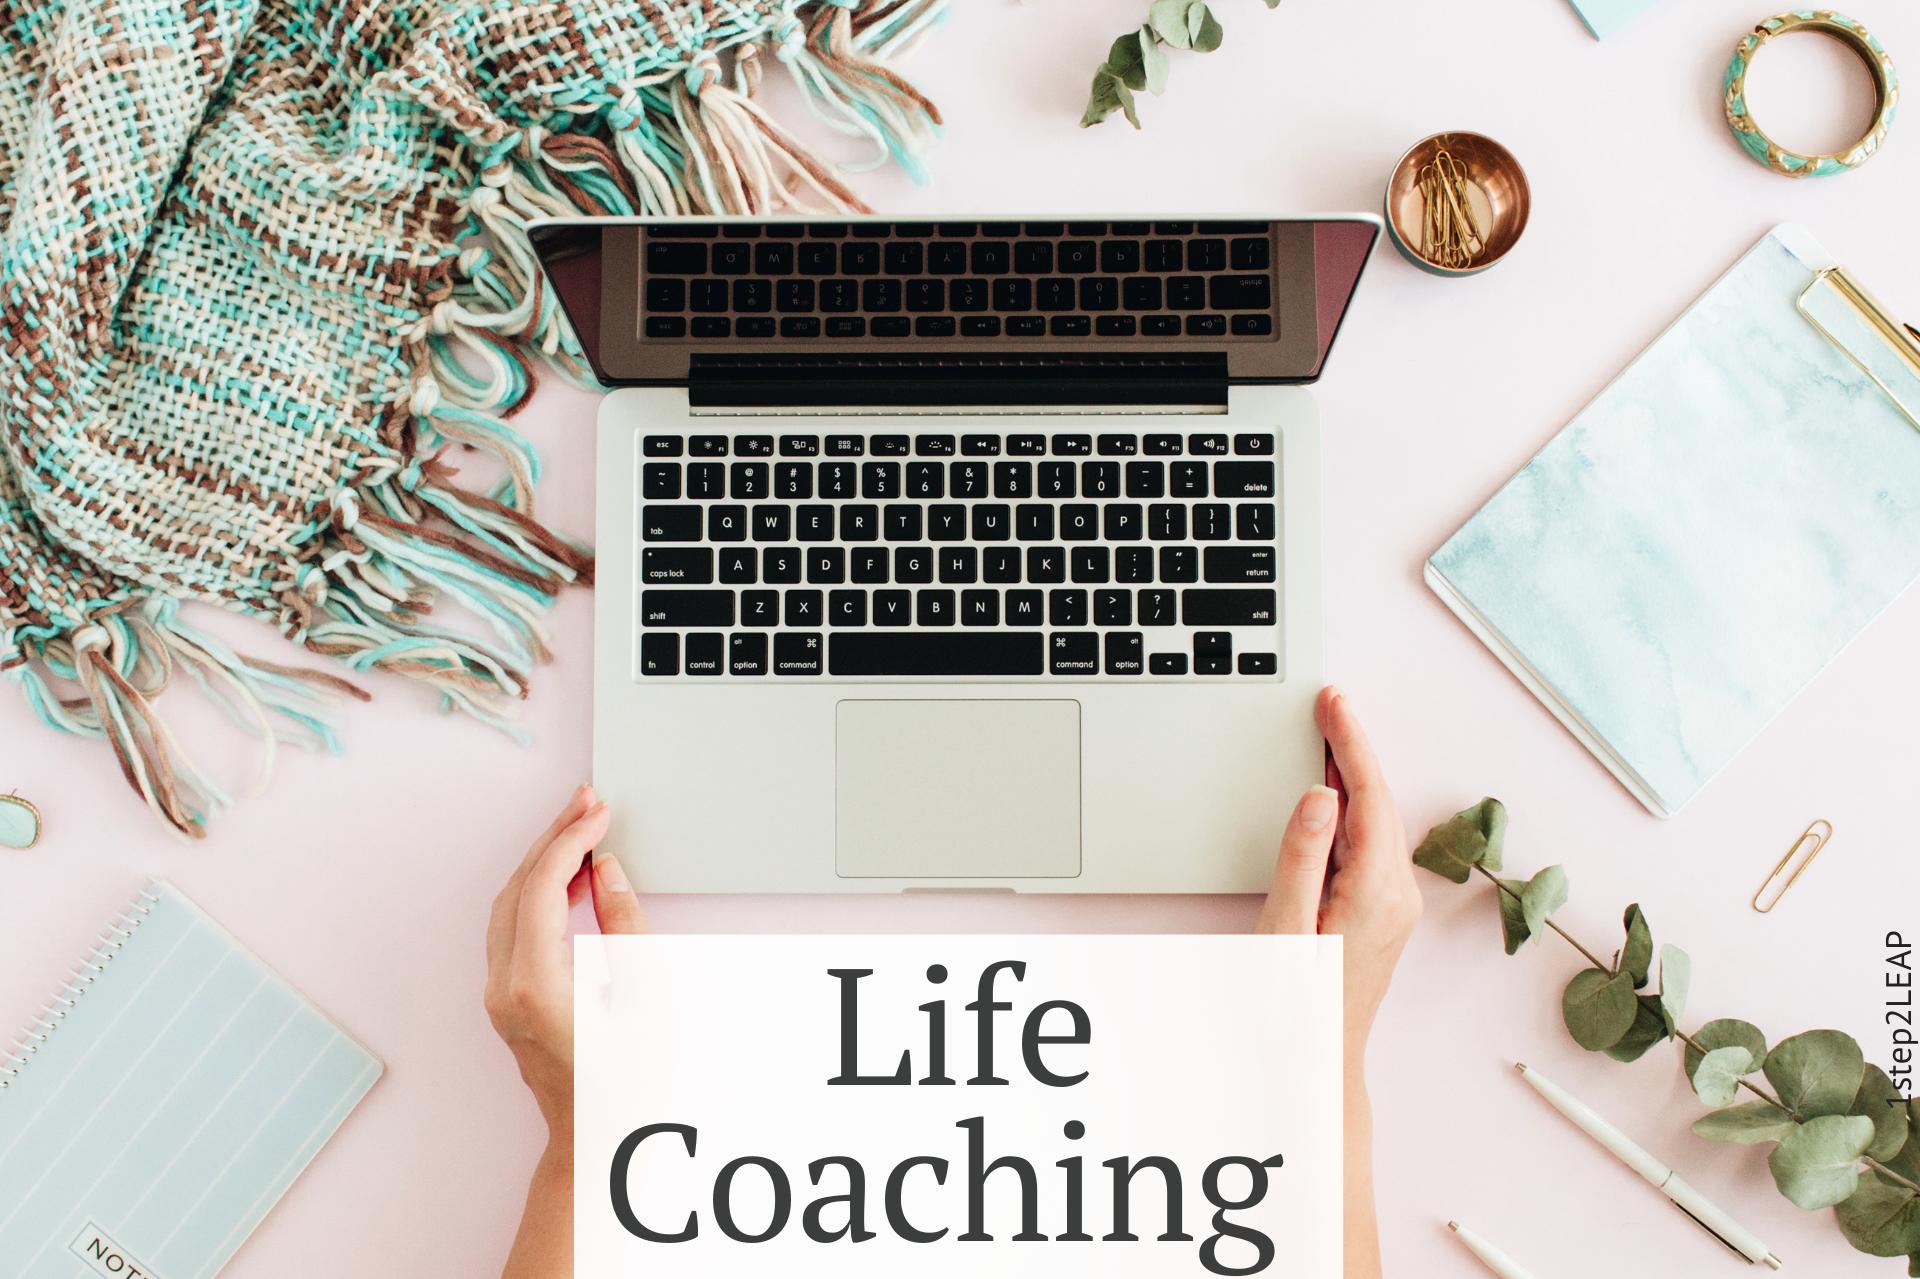 Life Coaching(2)